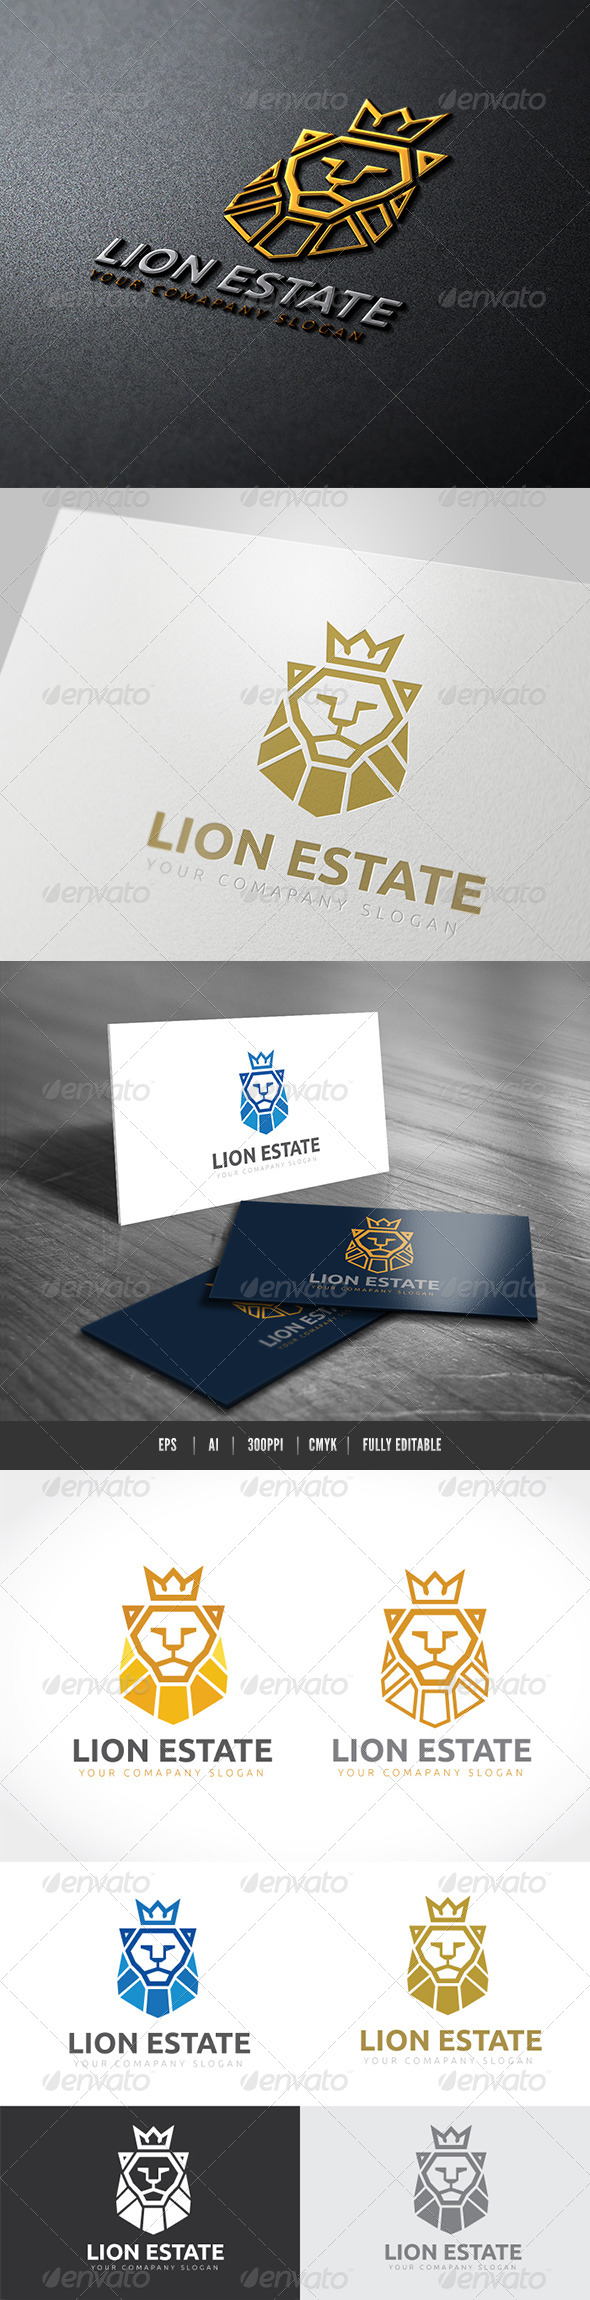 GraphicRiver Lion Estate 7468418